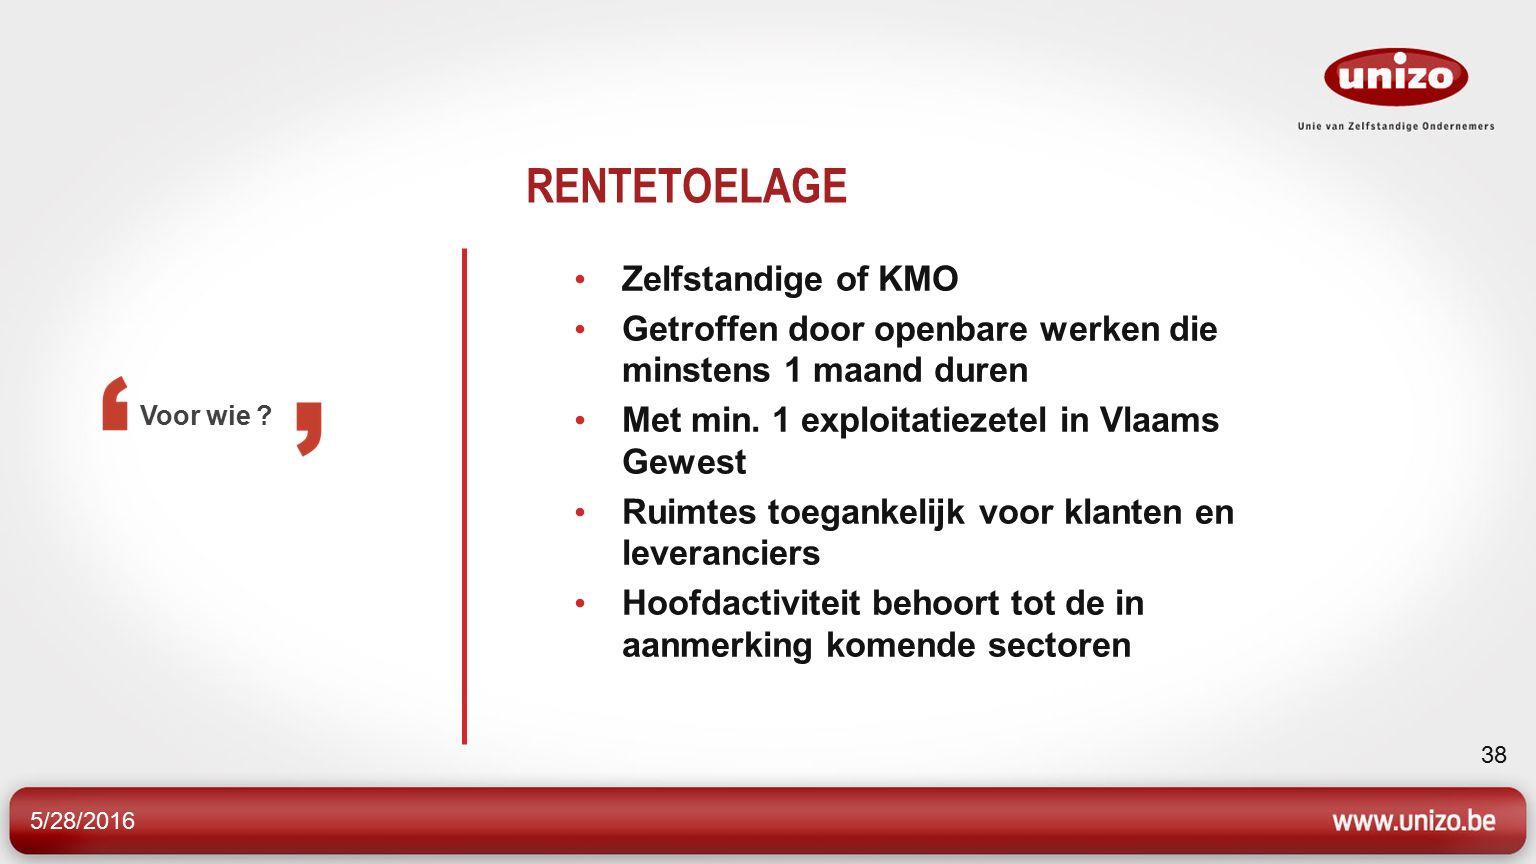 5/28/2016 38 RENTETOELAGE Zelfstandige of KMO Getroffen door openbare werken die minstens 1 maand duren Met min. 1 exploitatiezetel in Vlaams Gewest R